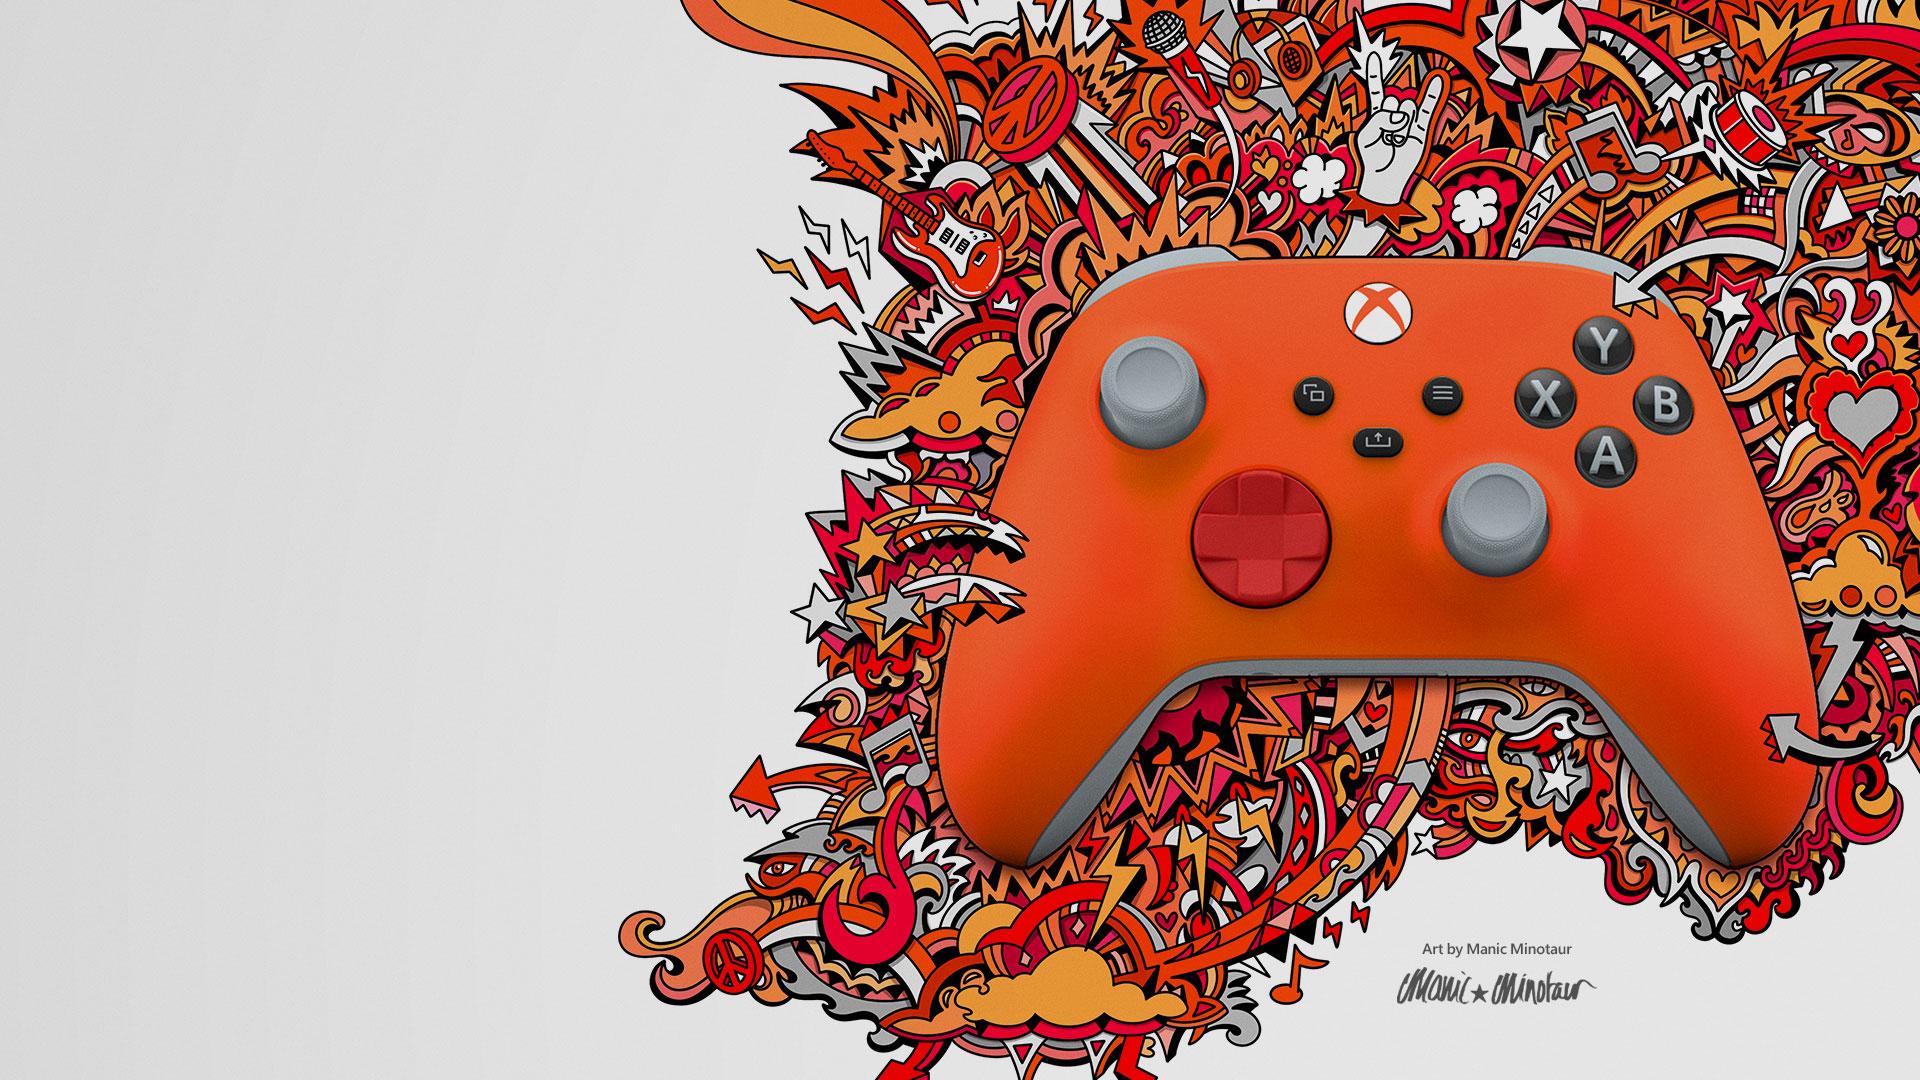 Un controller di Xbox Design Lab con motivi arancioni e rossi intrecciati con una grafica creata da Manic Minotaur